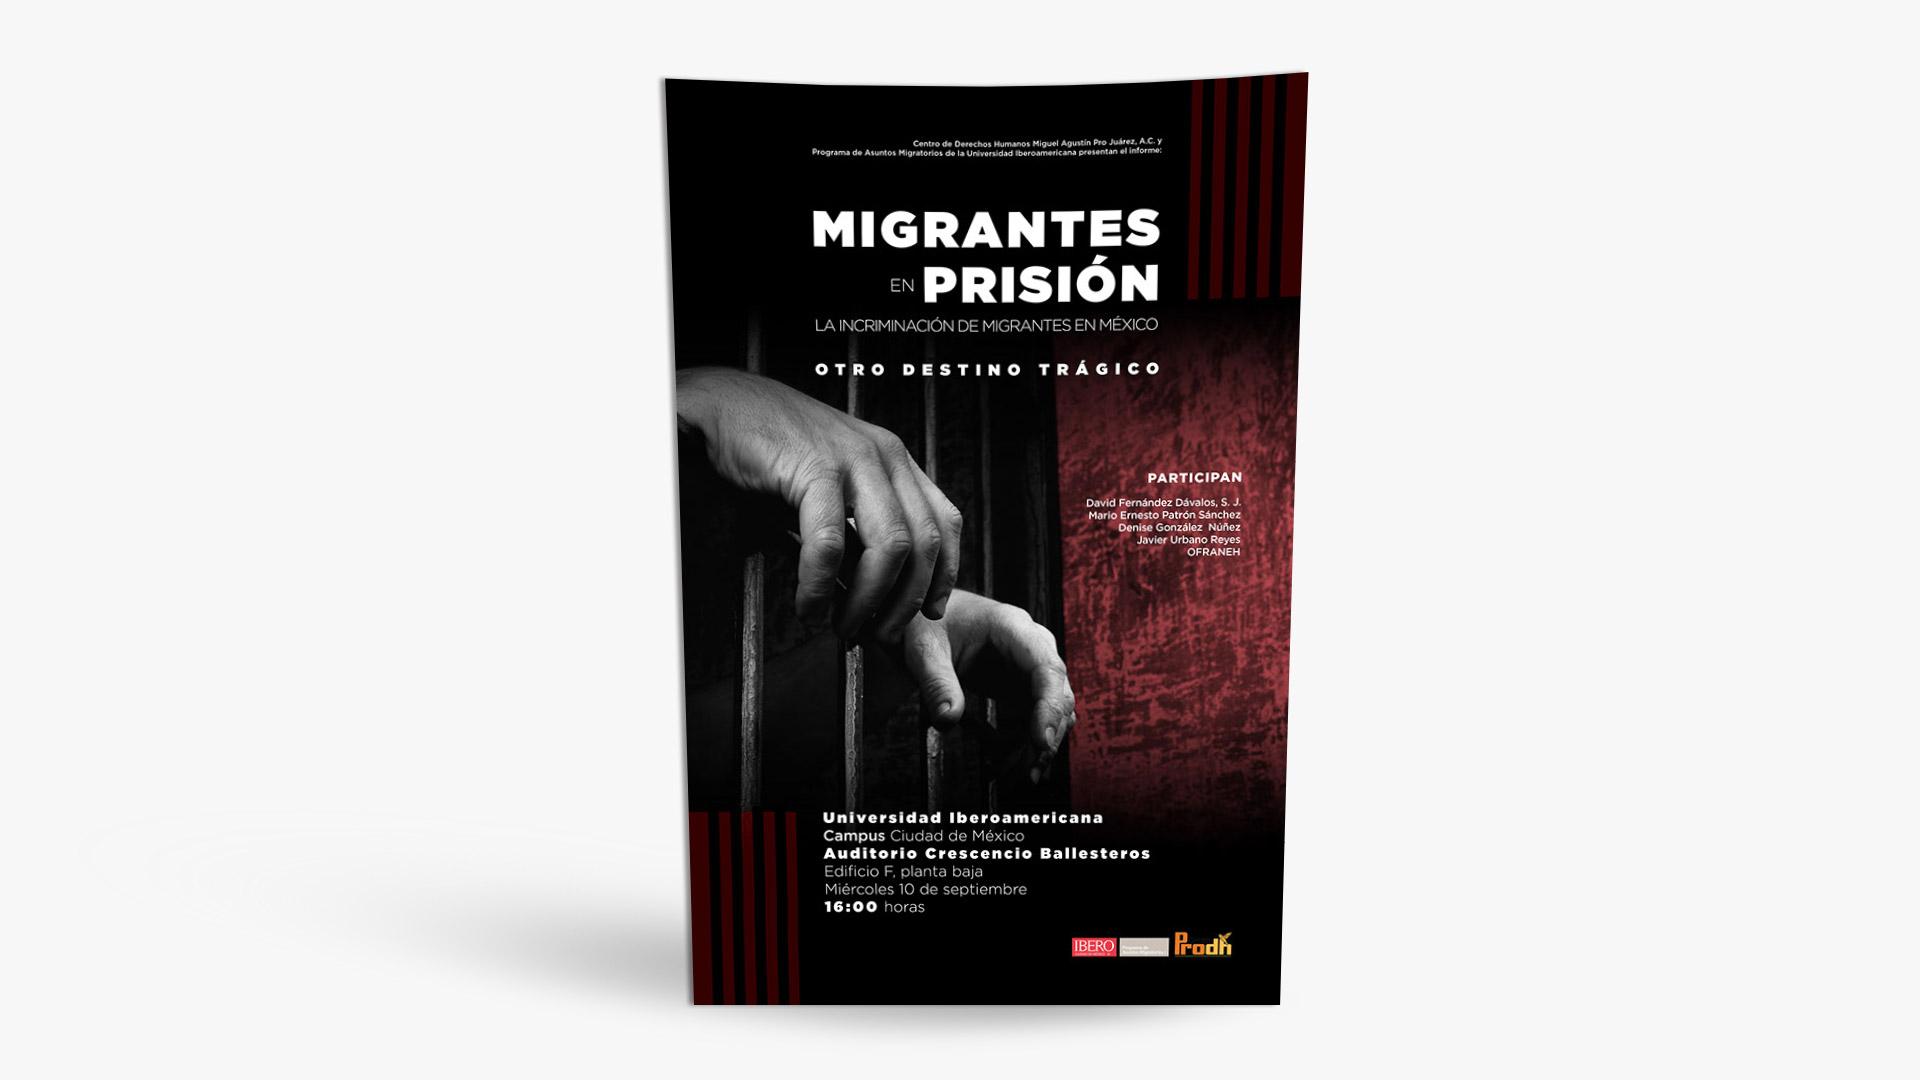 poster migrantes en prision